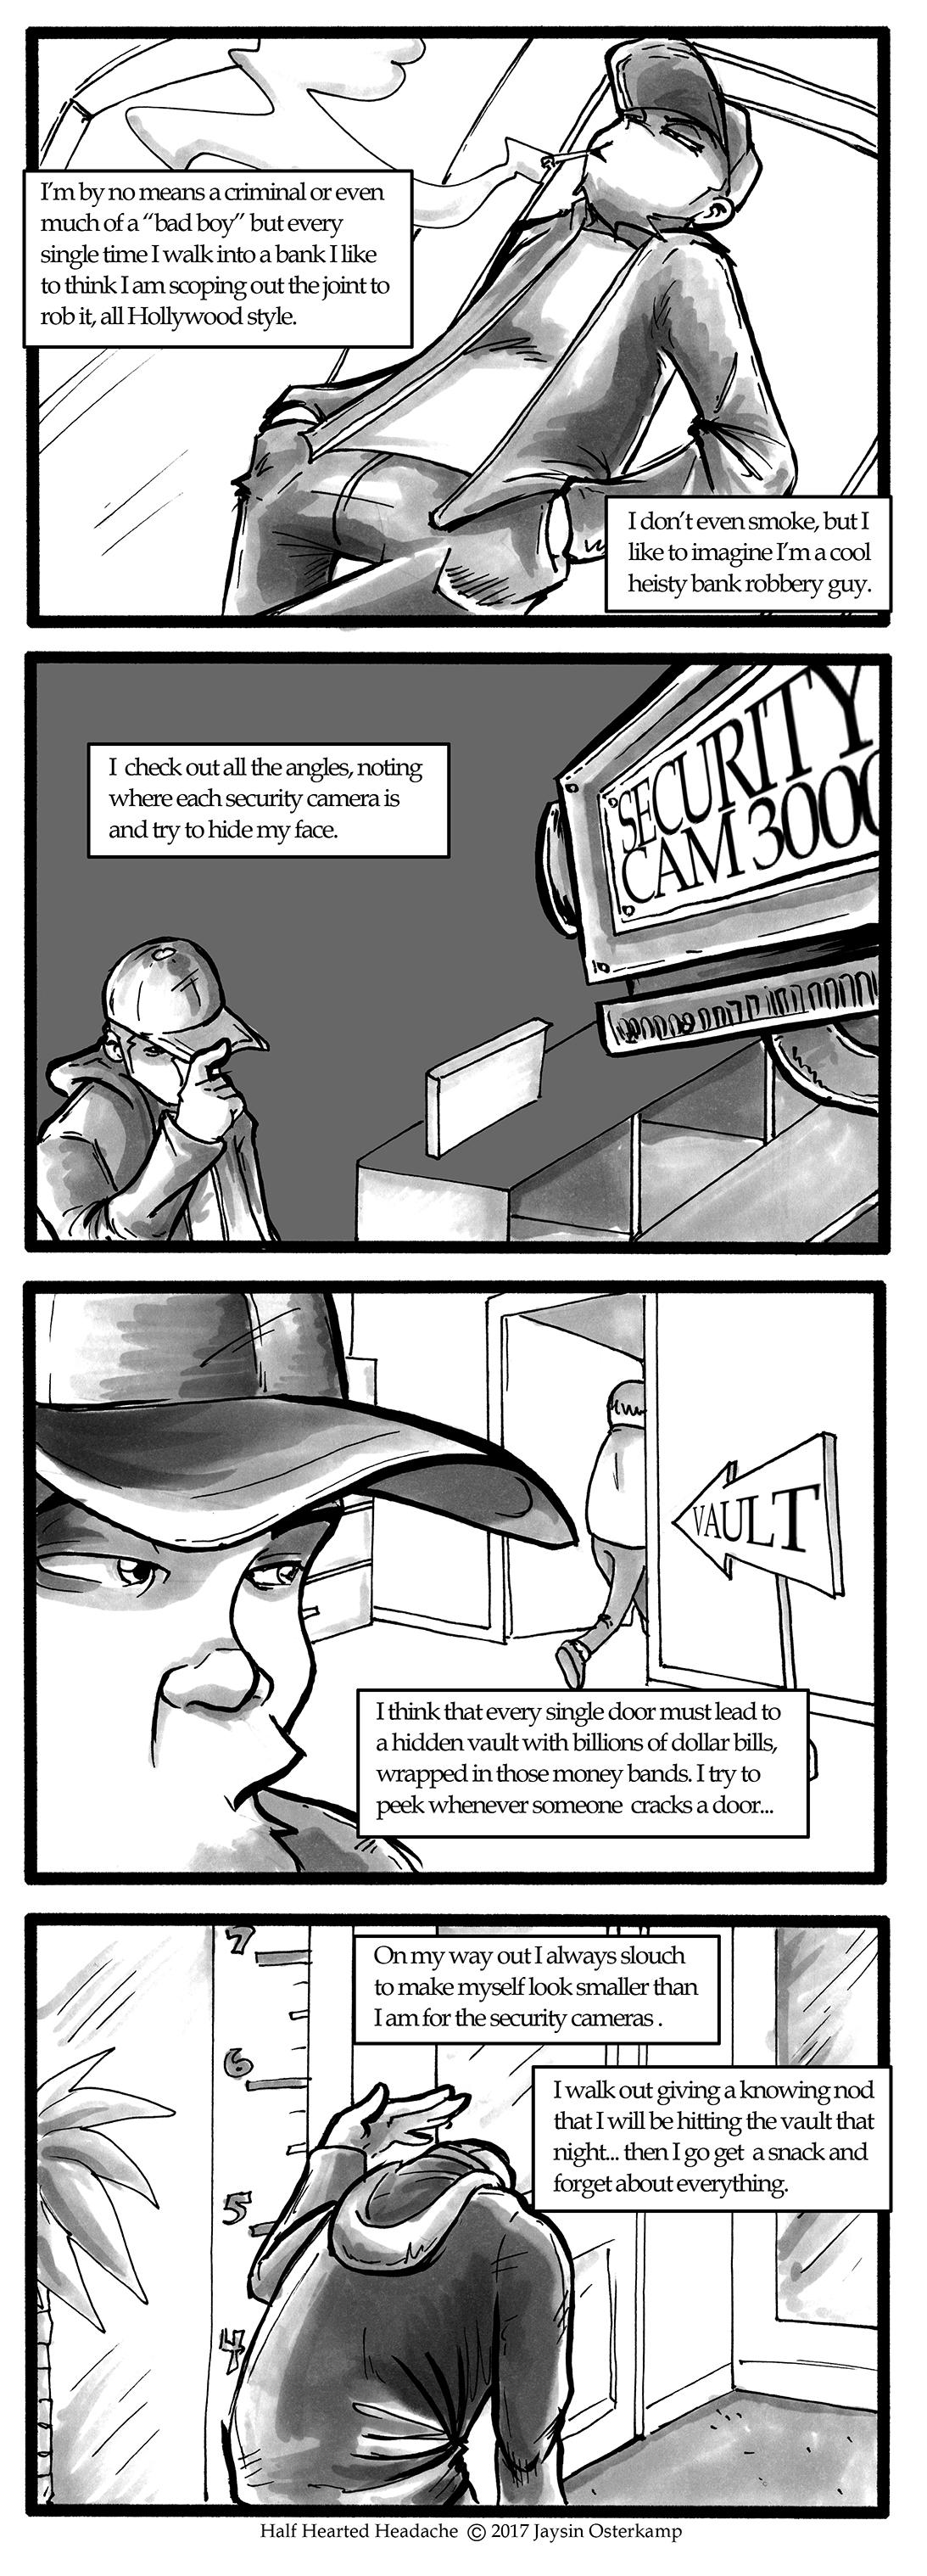 096 – Casing a bank